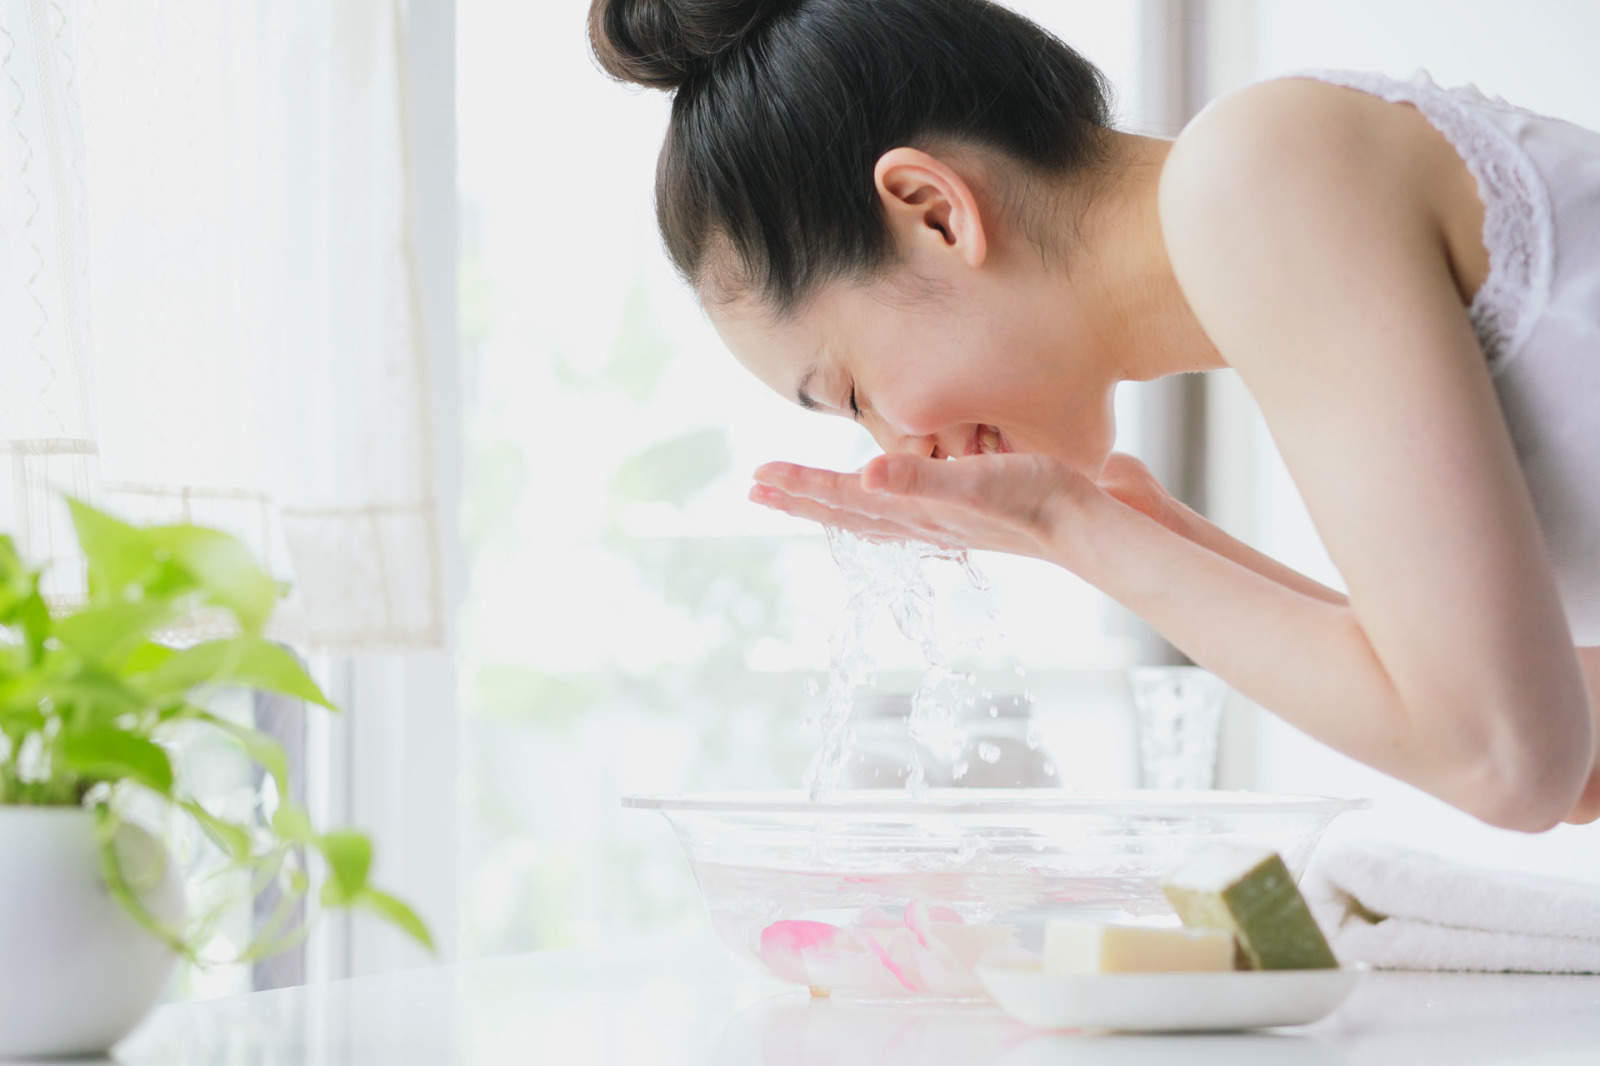 Da sần sùi, mụn nổi chi chít vì cứ giữ những thói quen sai lầm này khi rửa mặt - Ảnh 1